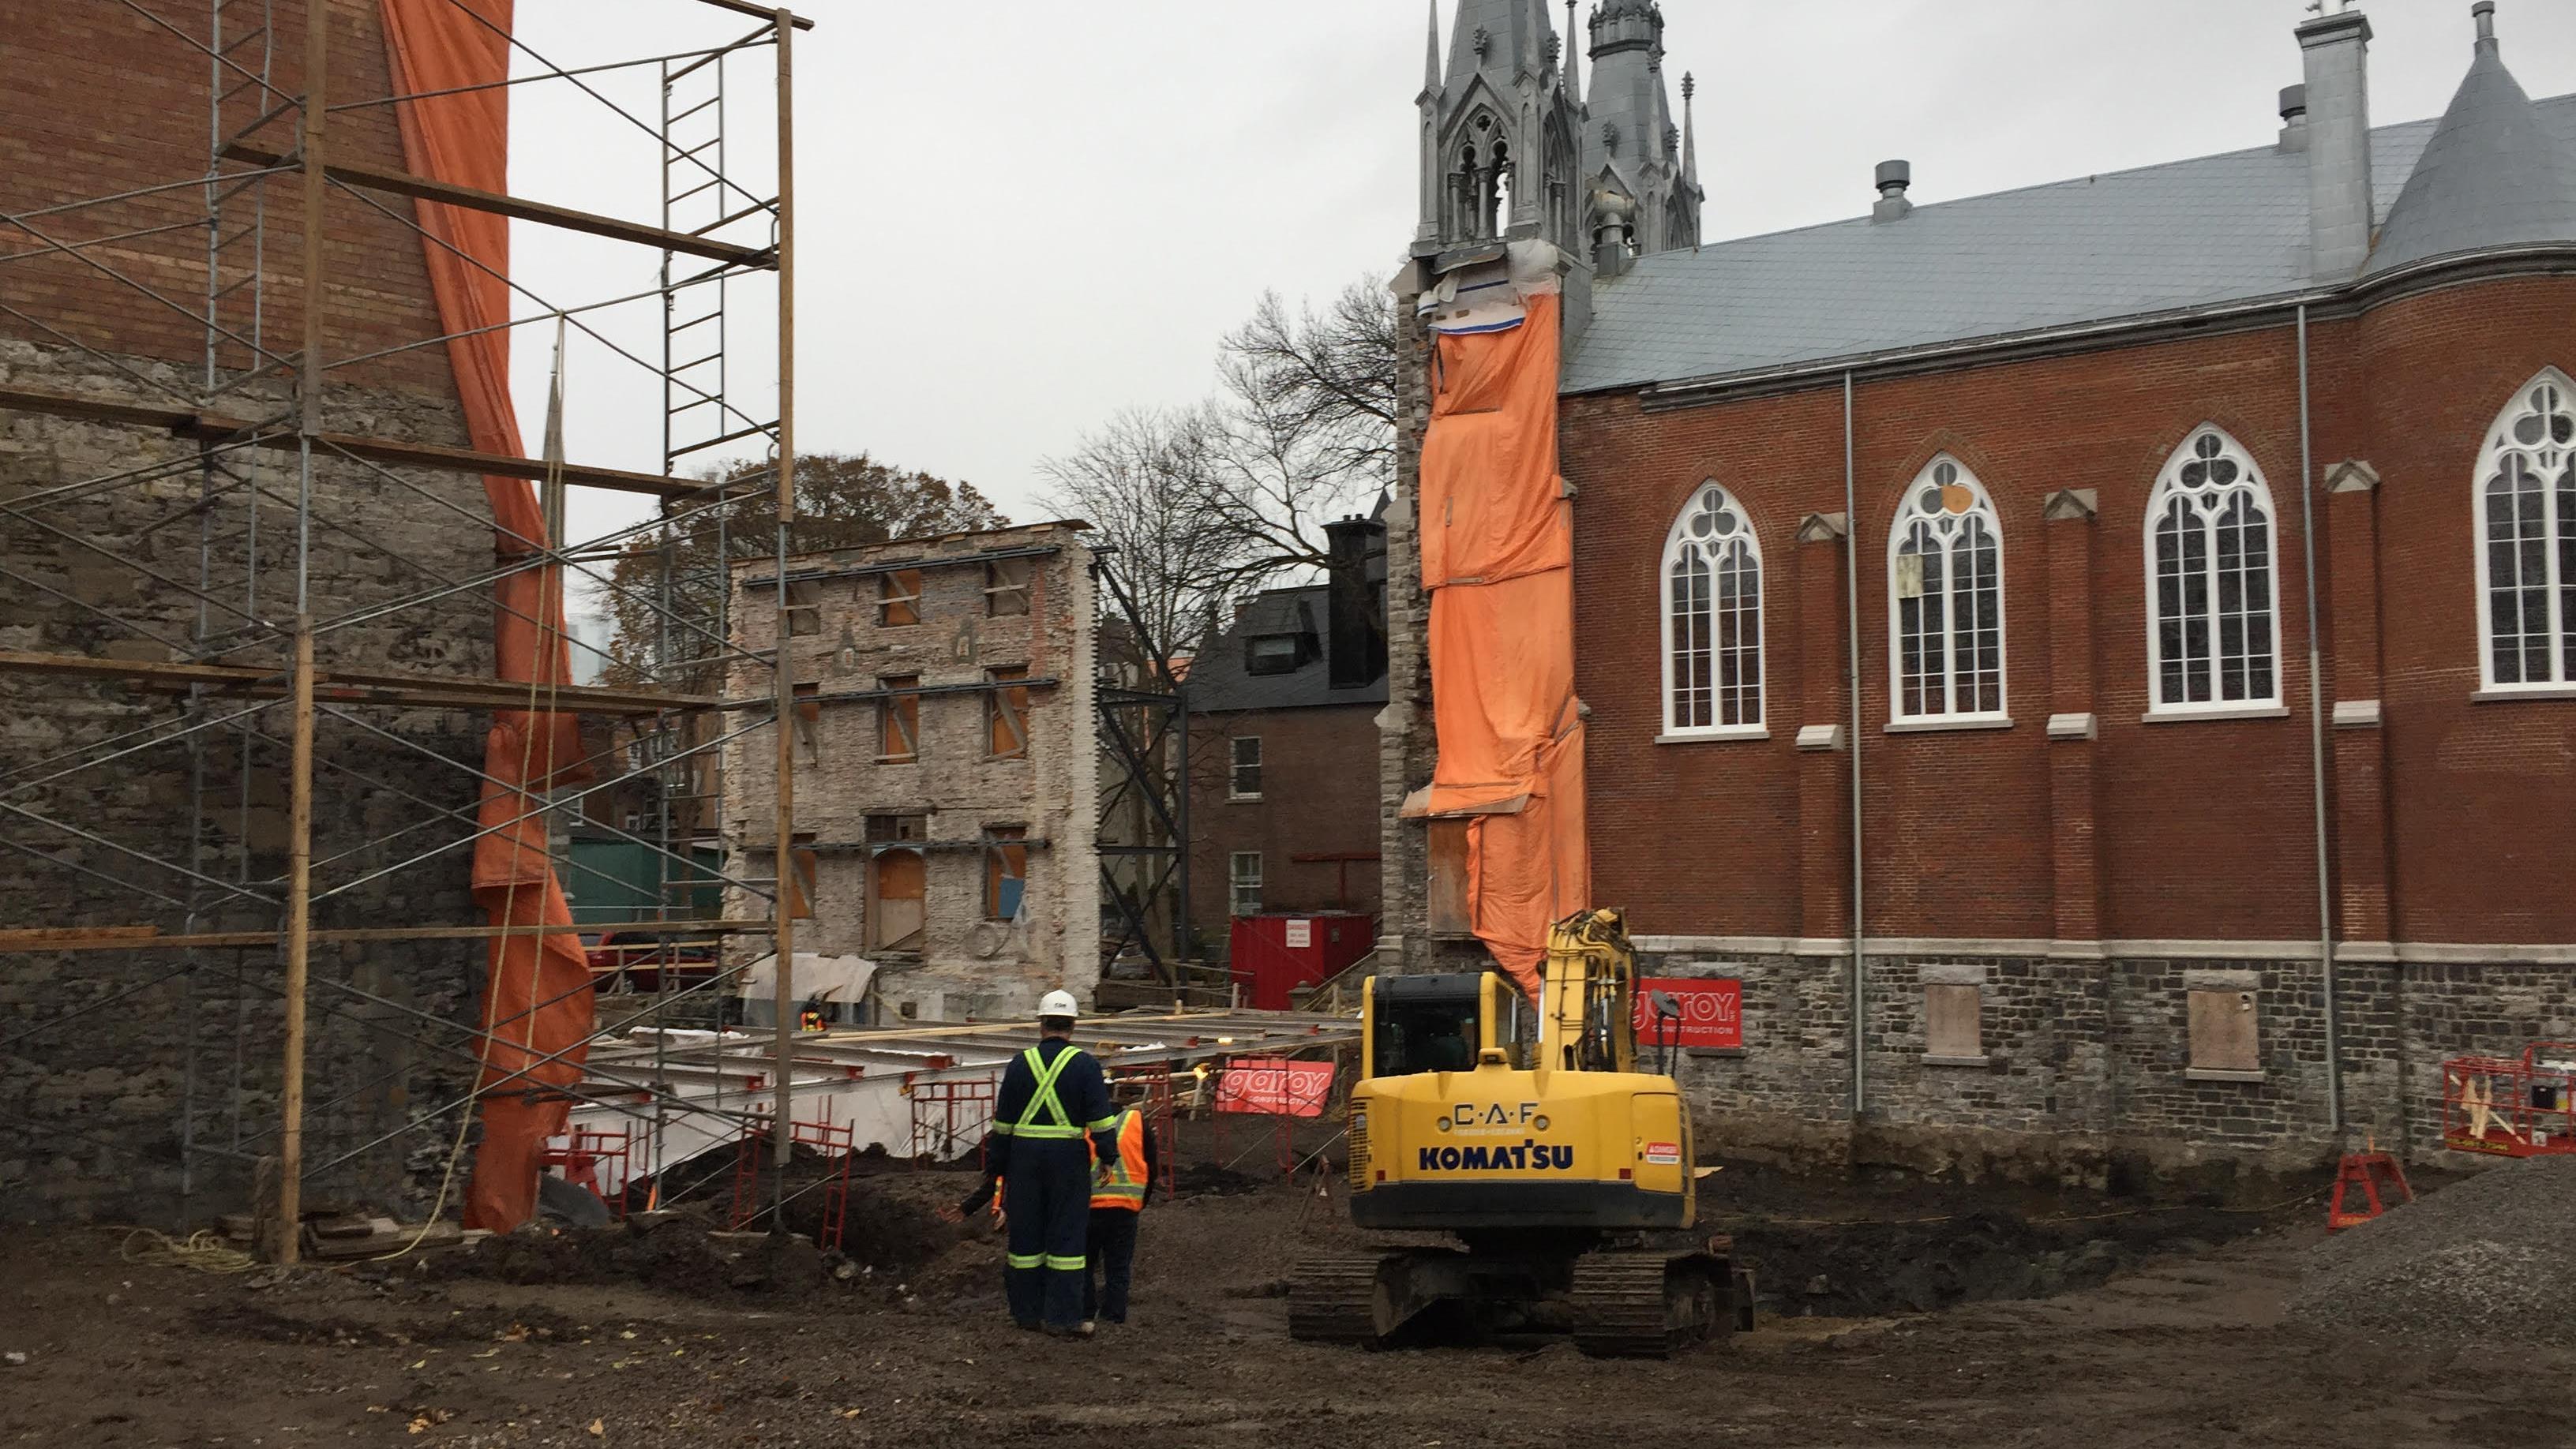 La découverte a été faite près de cette petite chapelle, sur la rue Saint-Ursule, où un projet de construction de condos est en cours.